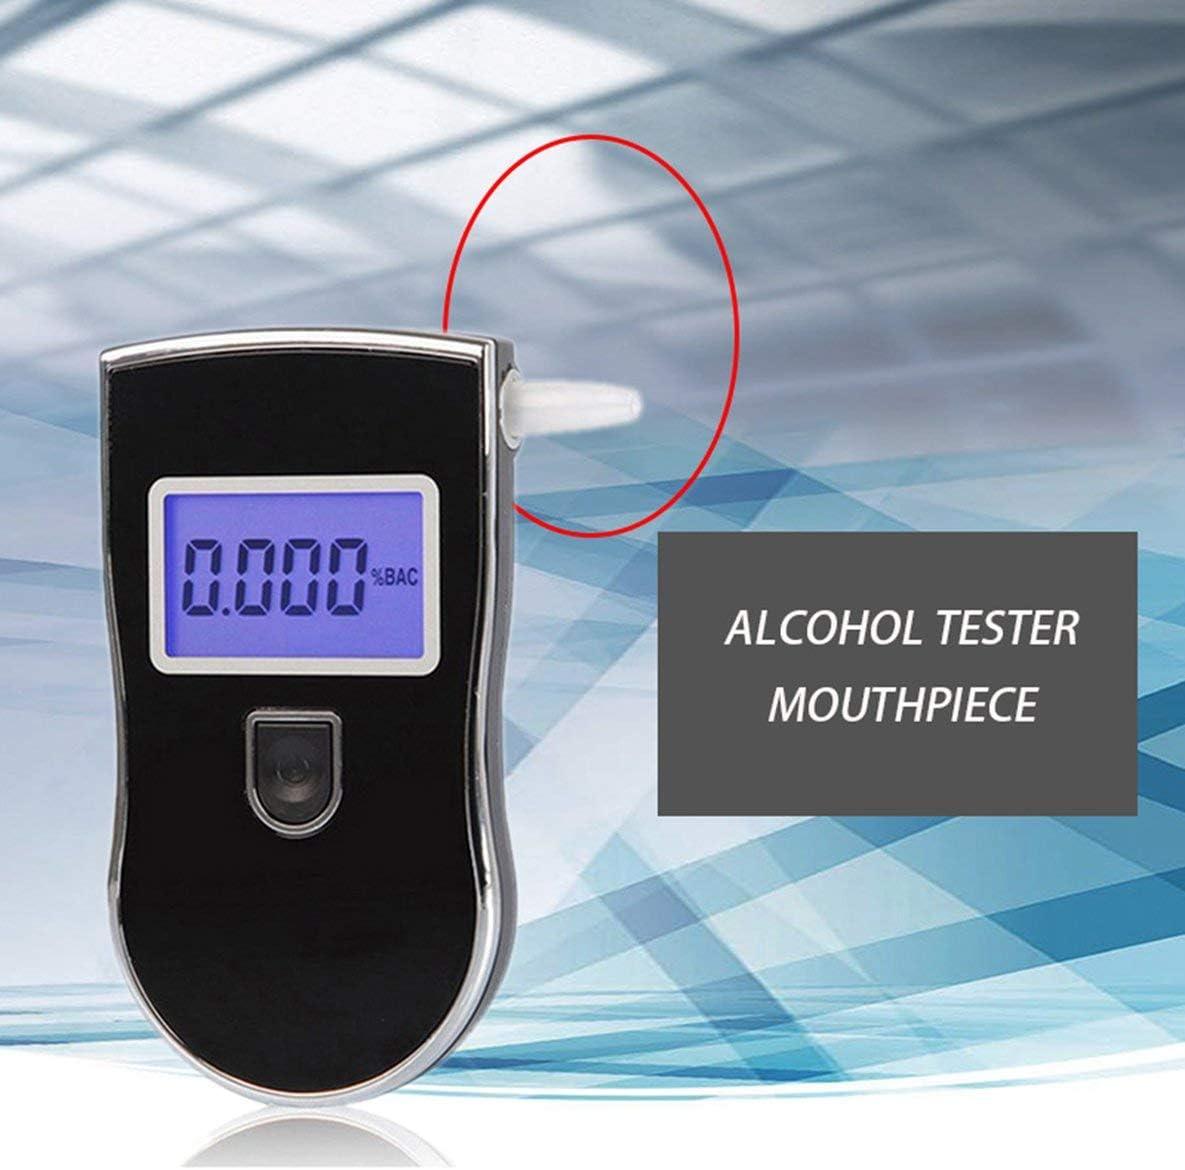 Rouku Boquillas duraderas para probador de Alcohol en el Aliento Alcohol/ímetro Boquillas de soplado de alcohol/ímetro Digital Boquillas